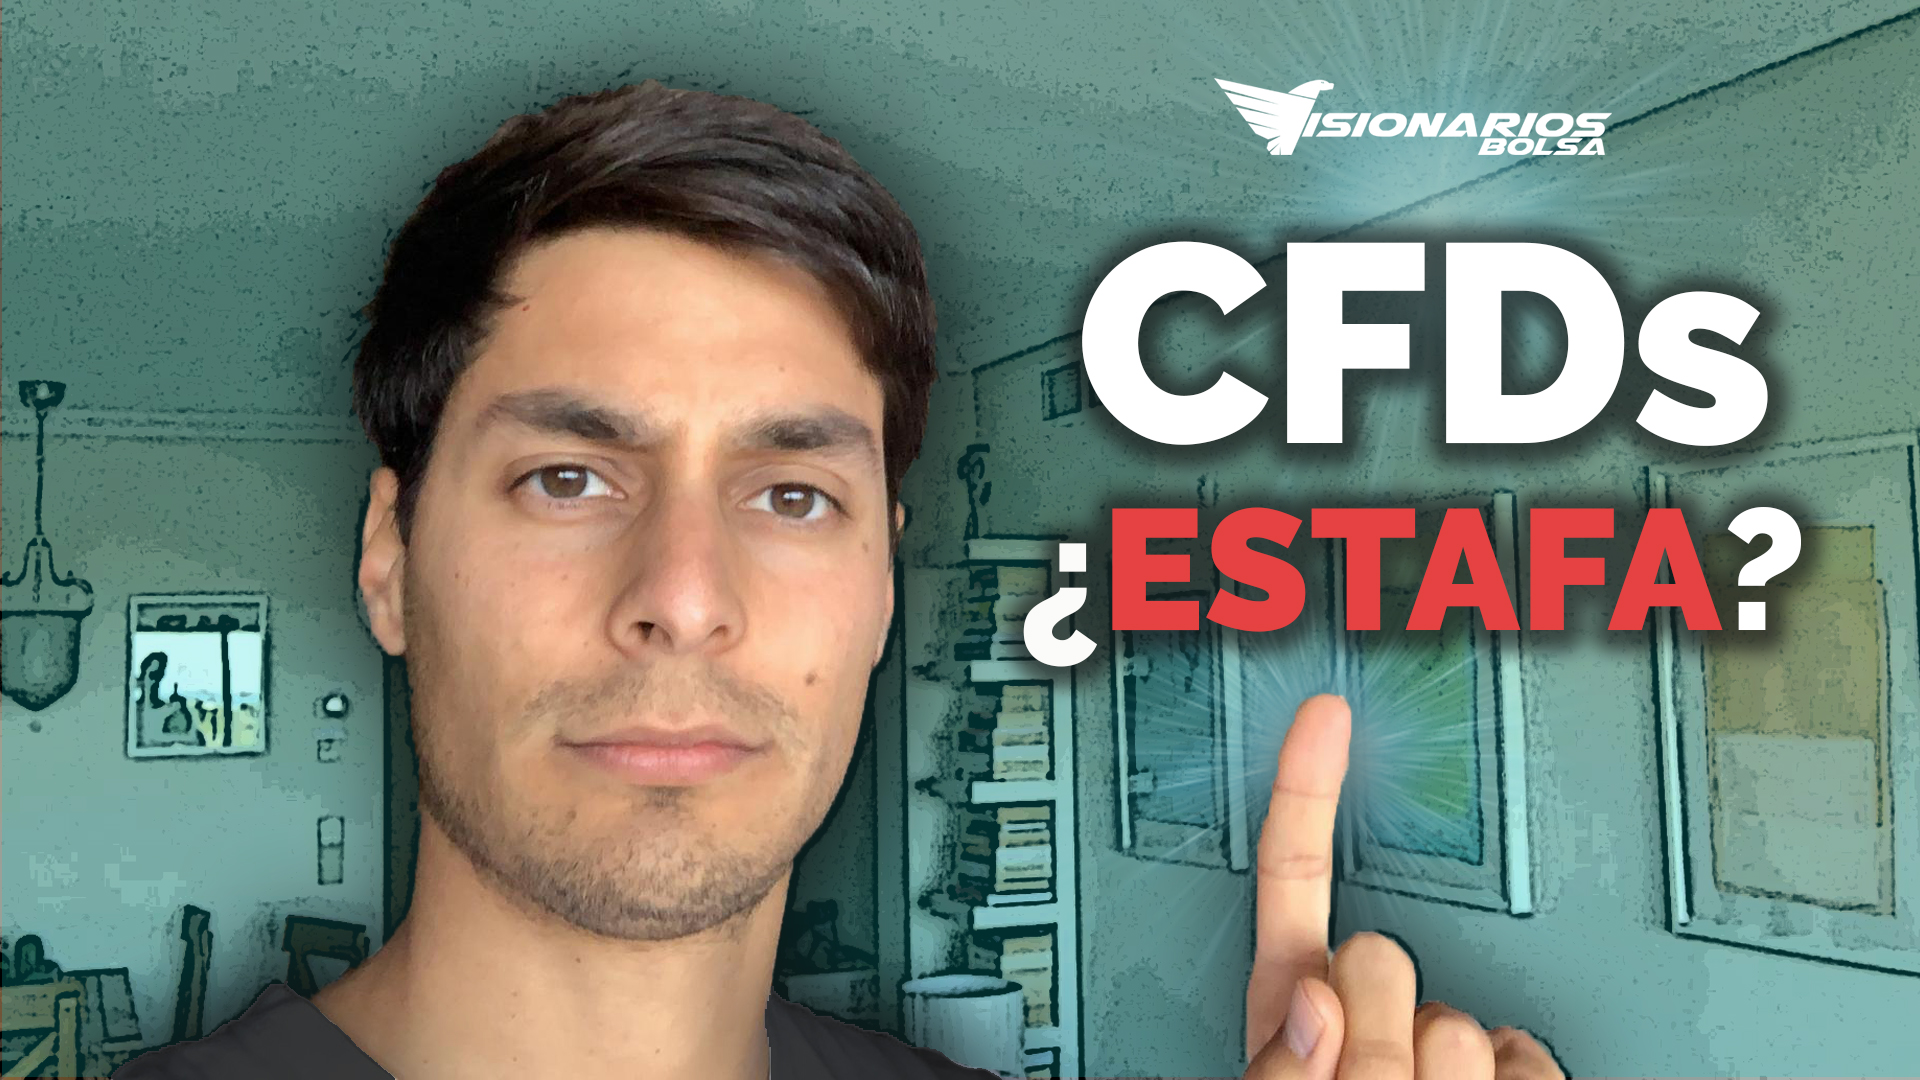 ¿Son Los CFDs Una Estafa?.. Esta Es La Realidad